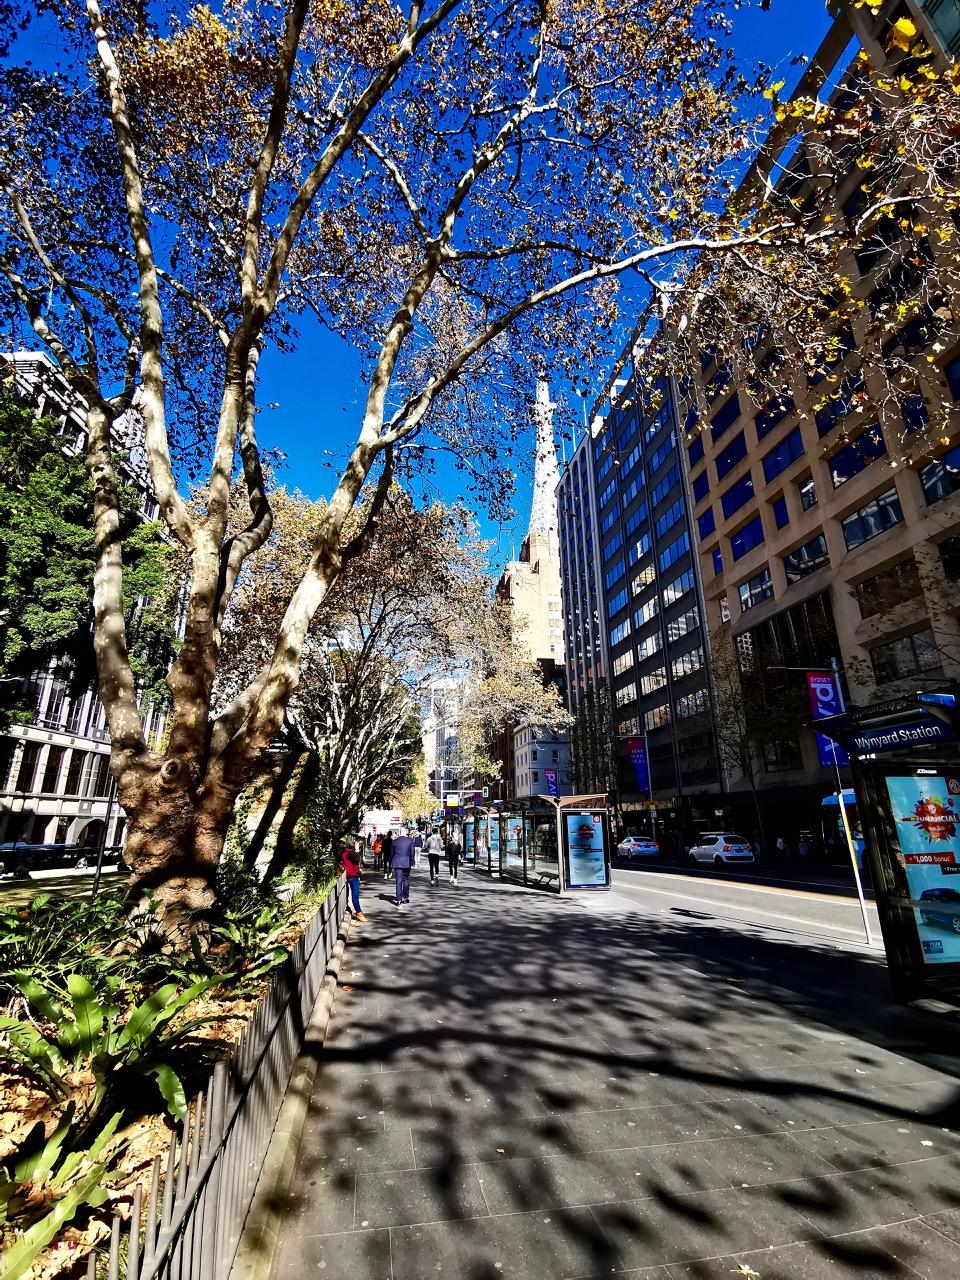 想要躲避北半球酷热的夏天,这时候来悉尼准没错 酷热难耐,别骗我,哭笑不得,想要,躲避 第9张图片